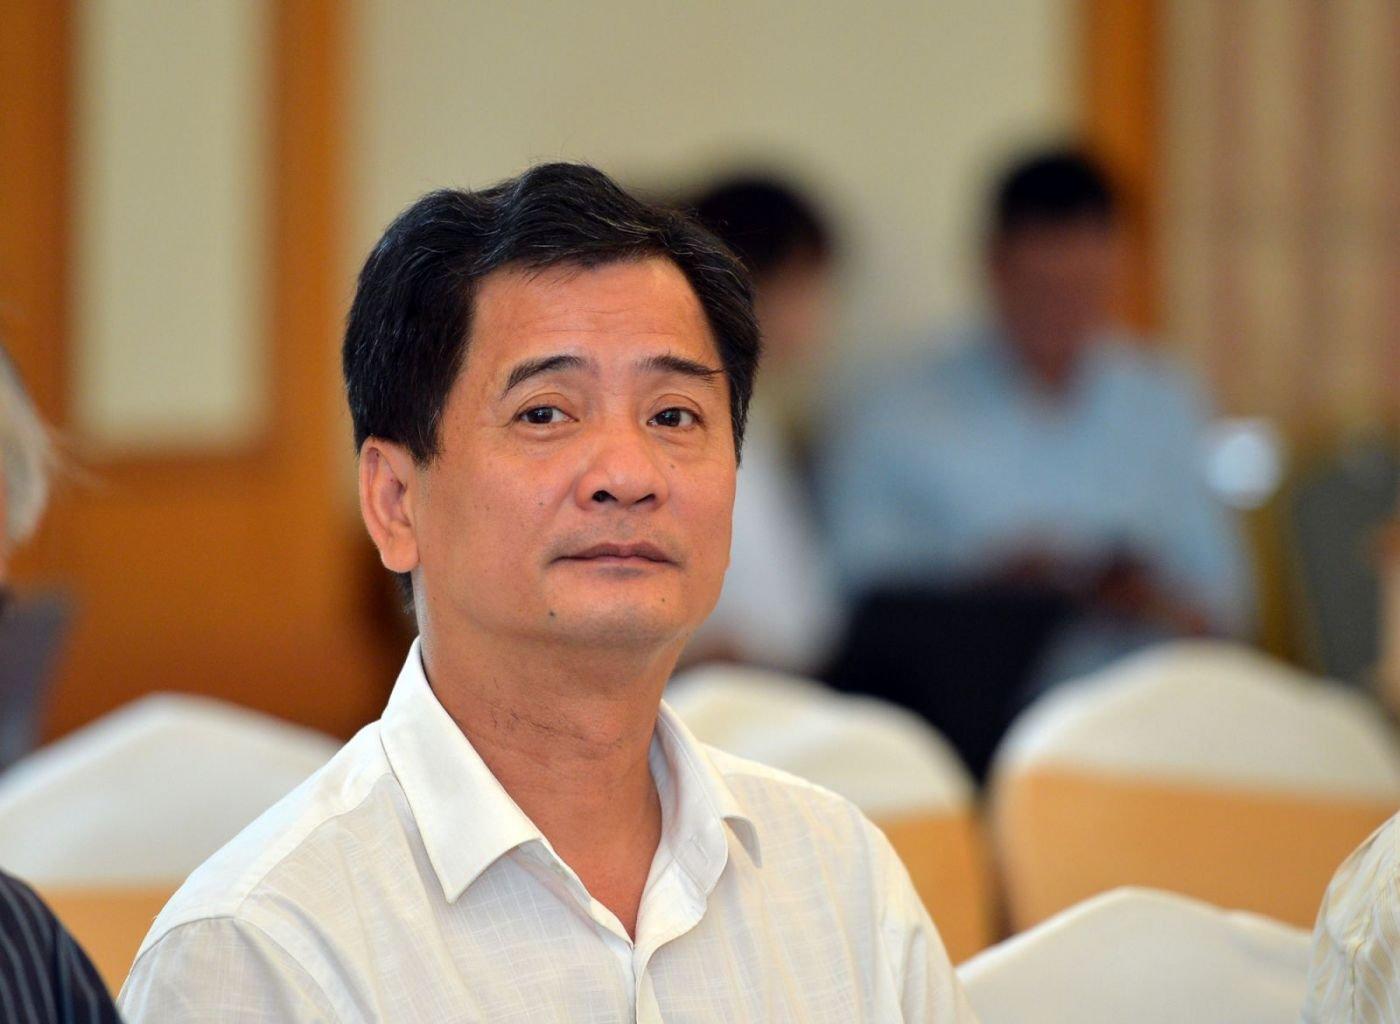 TS. Nguyễn Văn Đính, Phó Tổng Thư ký Hiệp hội Bất động sản Việt Nam, Phó Chủ tịch kiêm Tổng Thư ký Hội Môi giới Bất động sản Việt Nam